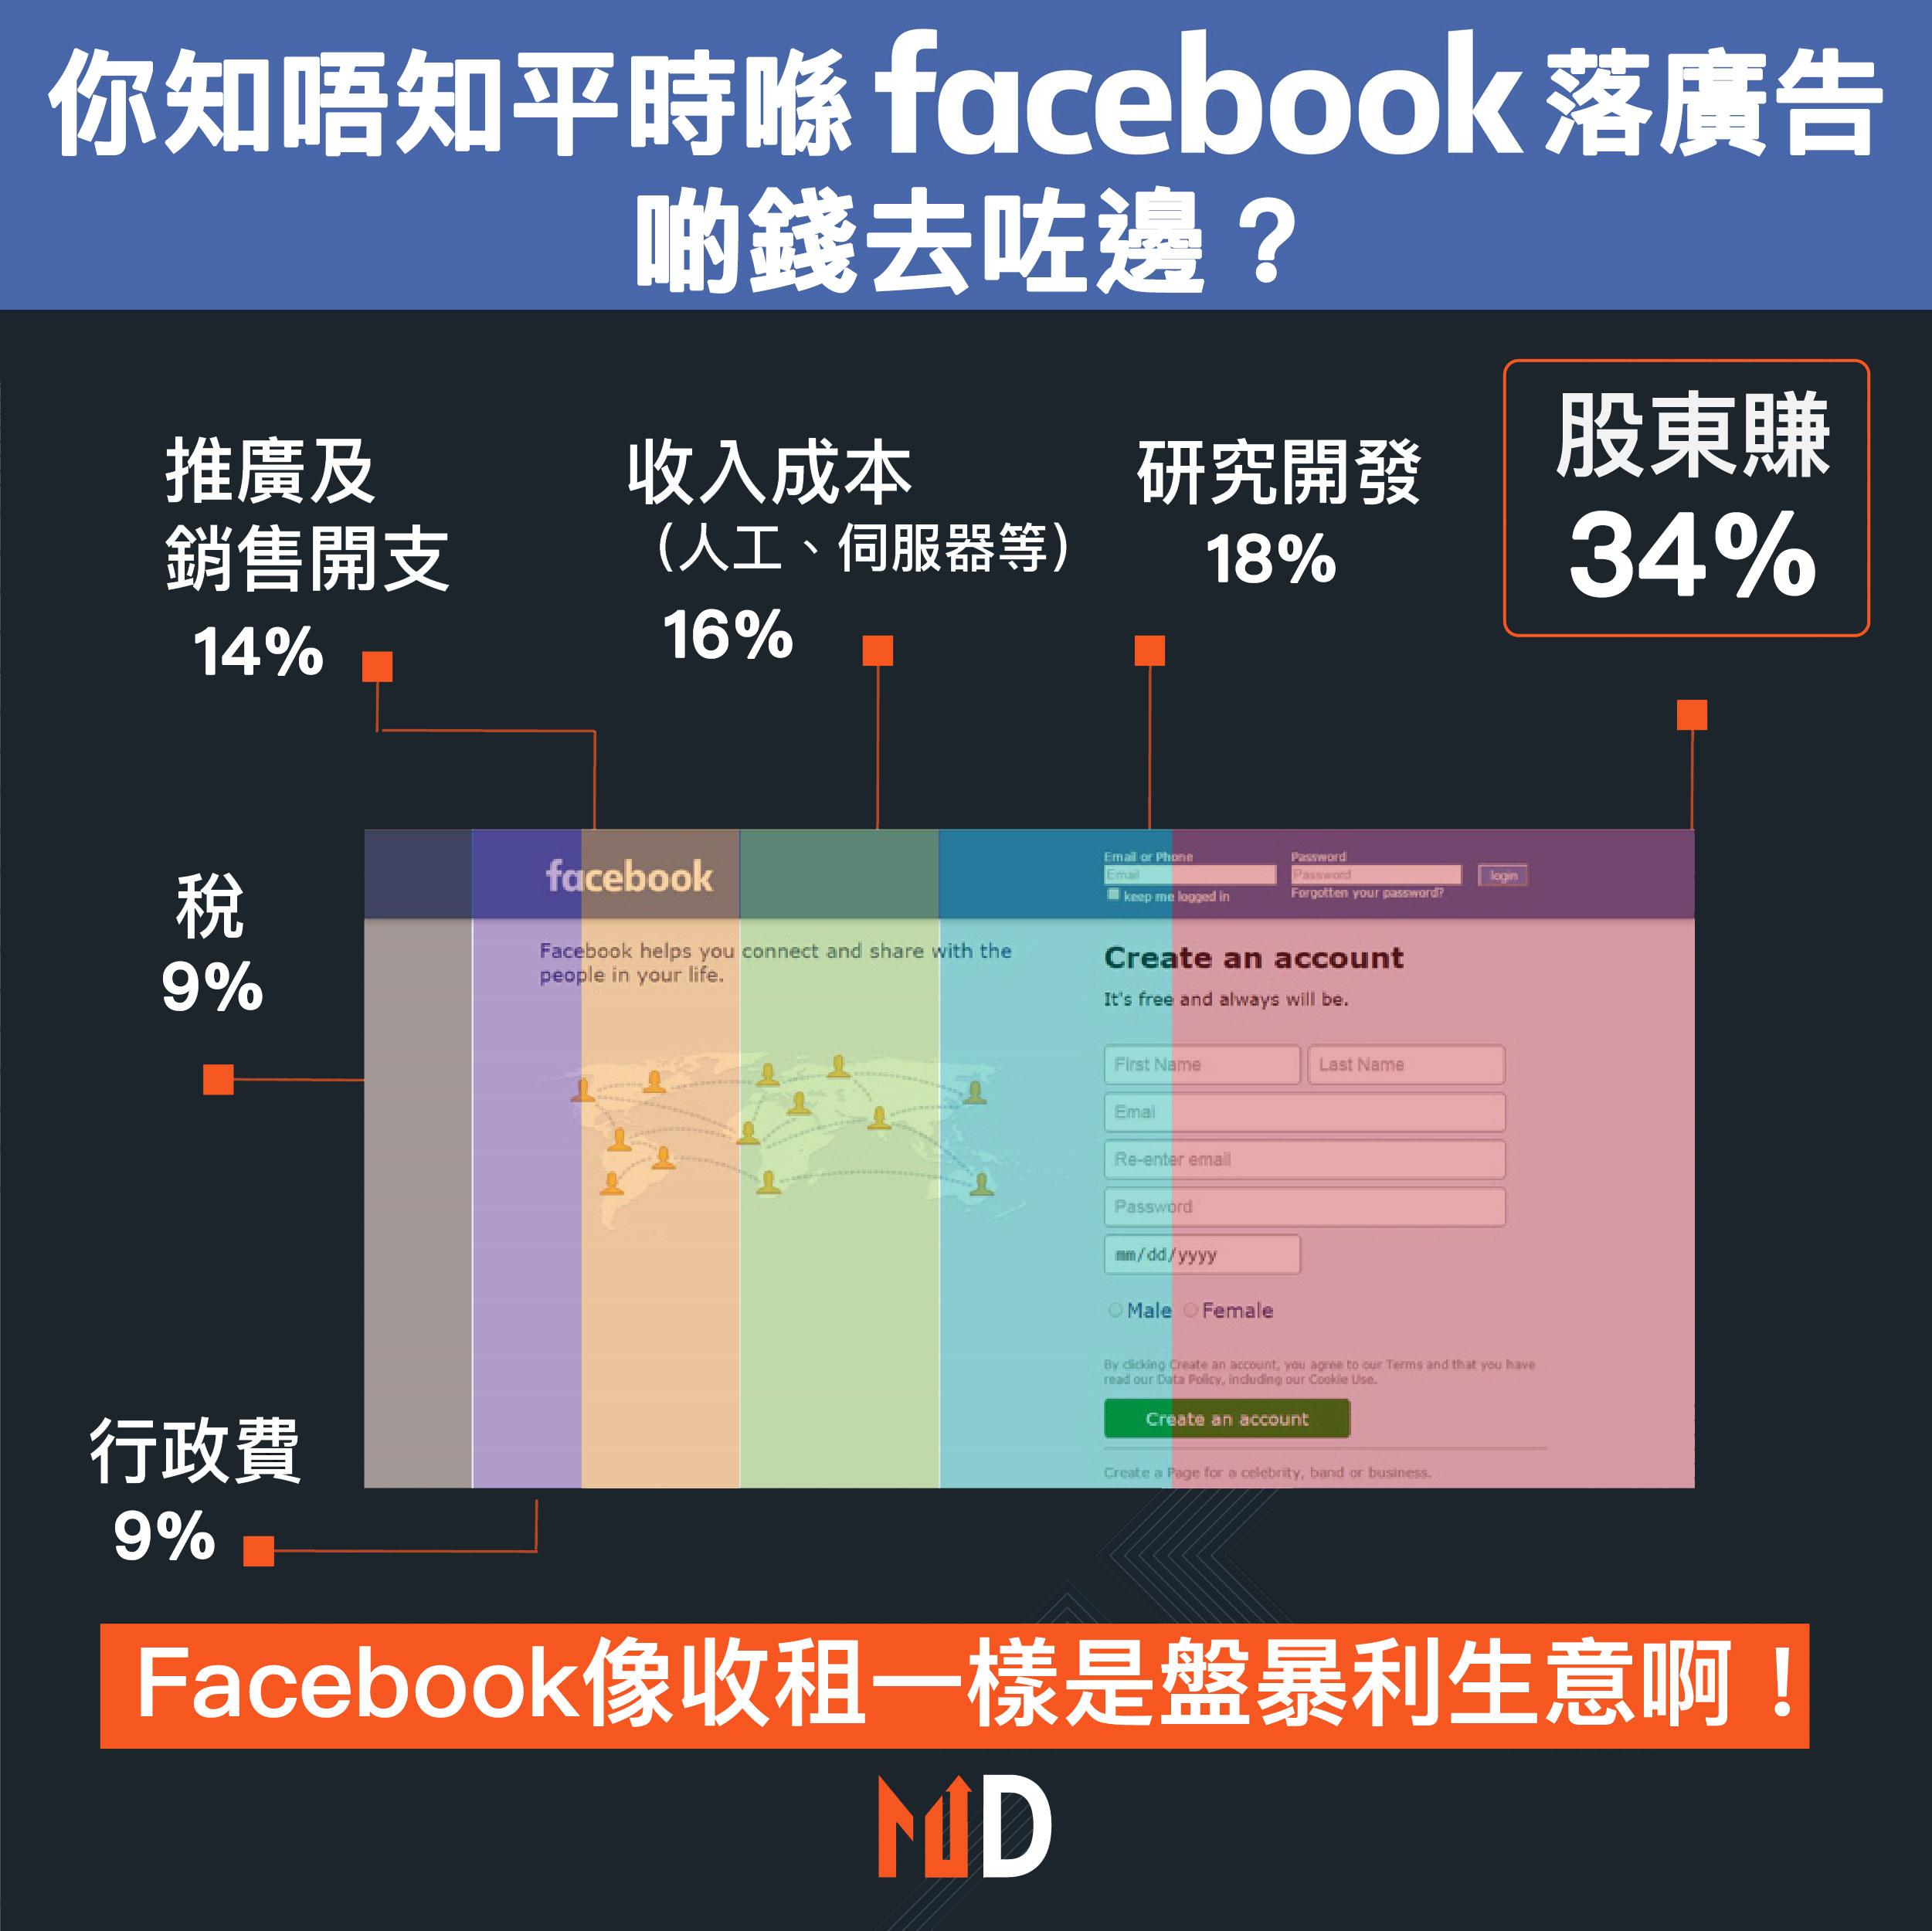 【啲錢去咗邊】你知唔知平時Facebook落廣告,啲錢去咗邊?